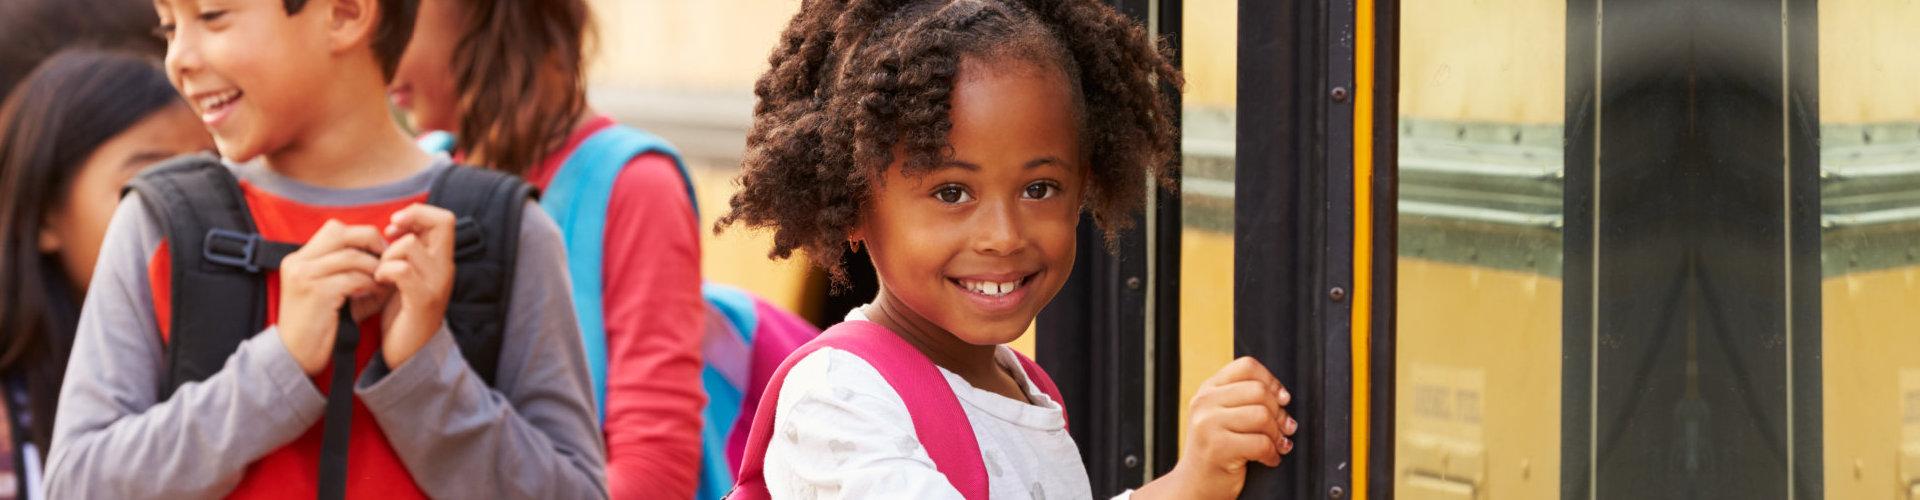 girl entering a bus